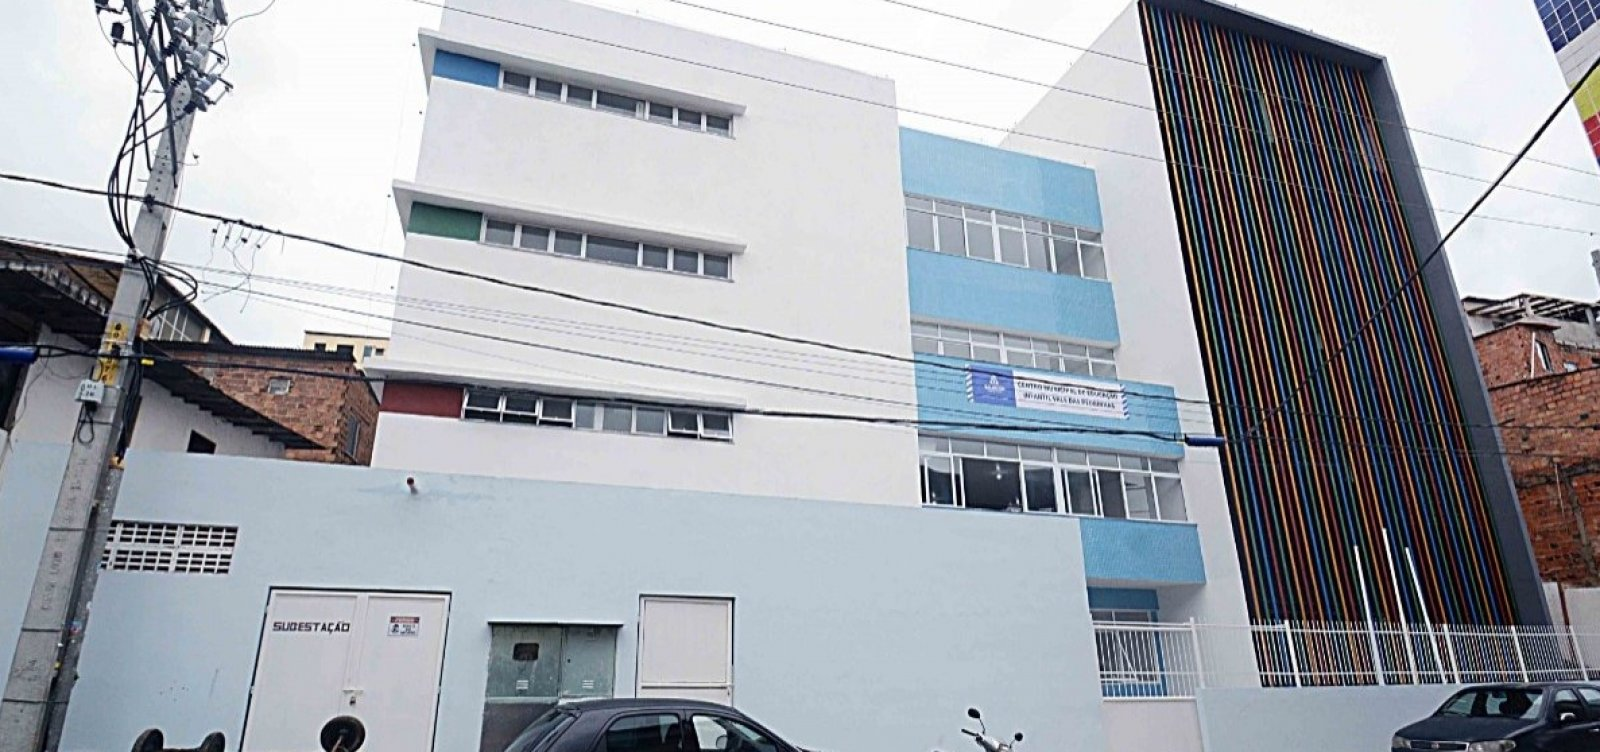 Prefeitura inaugura centro de educação no Vale das Pedrinhas